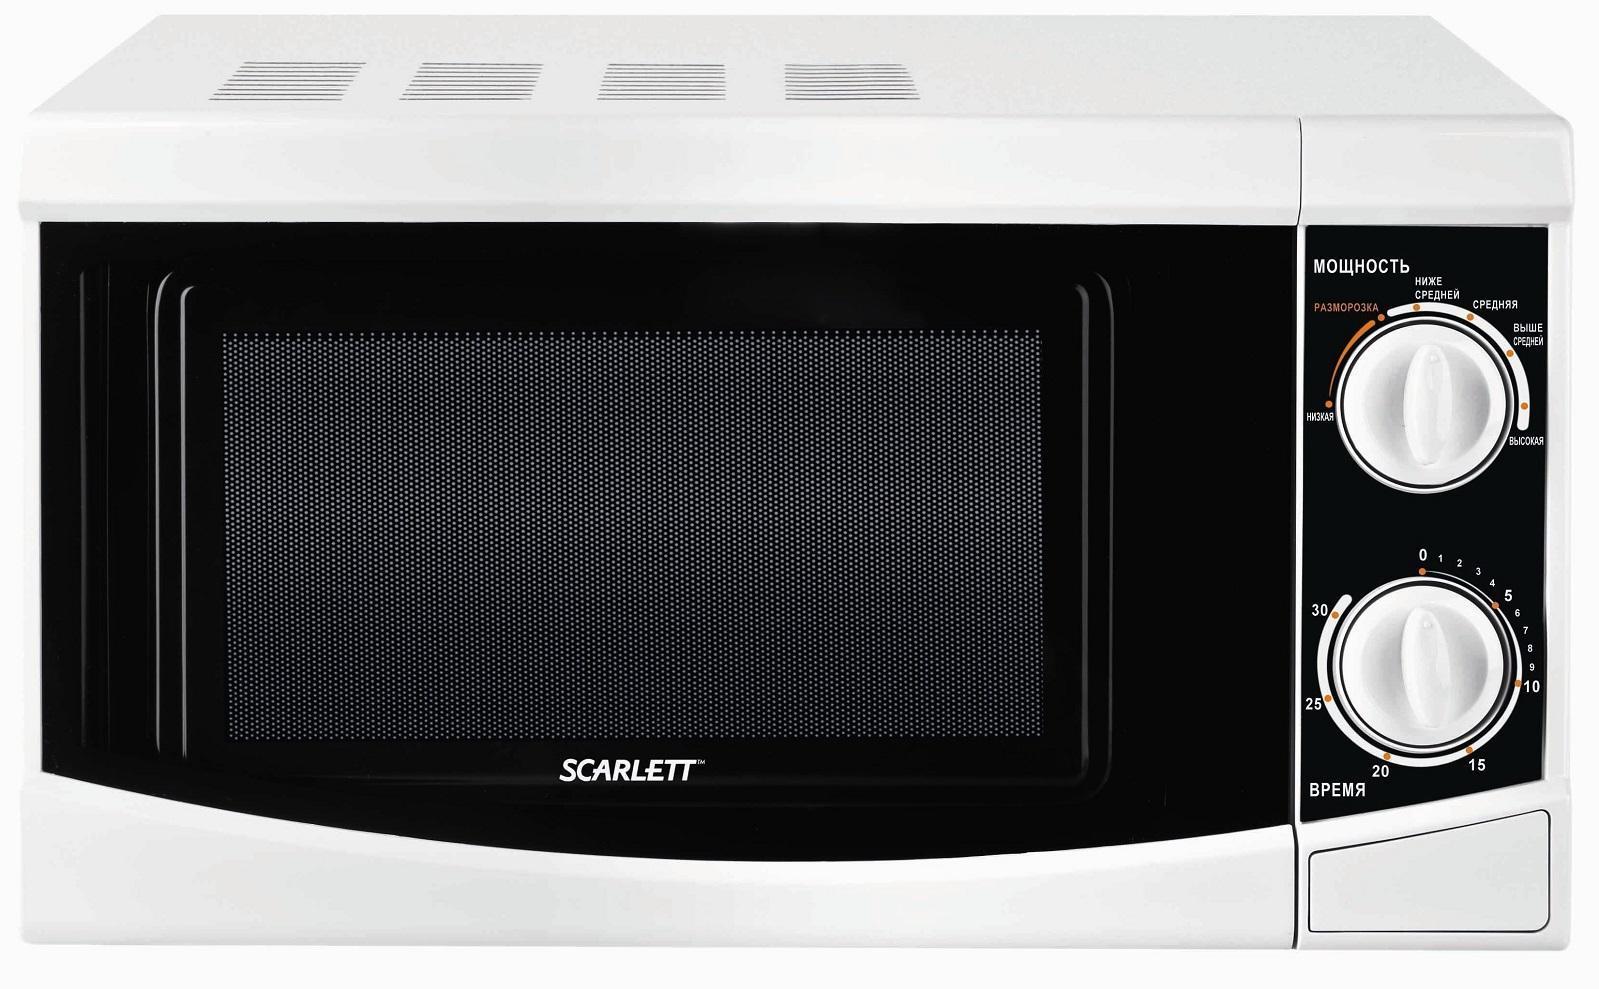 Scarlett SC-1705 микроволновая печь